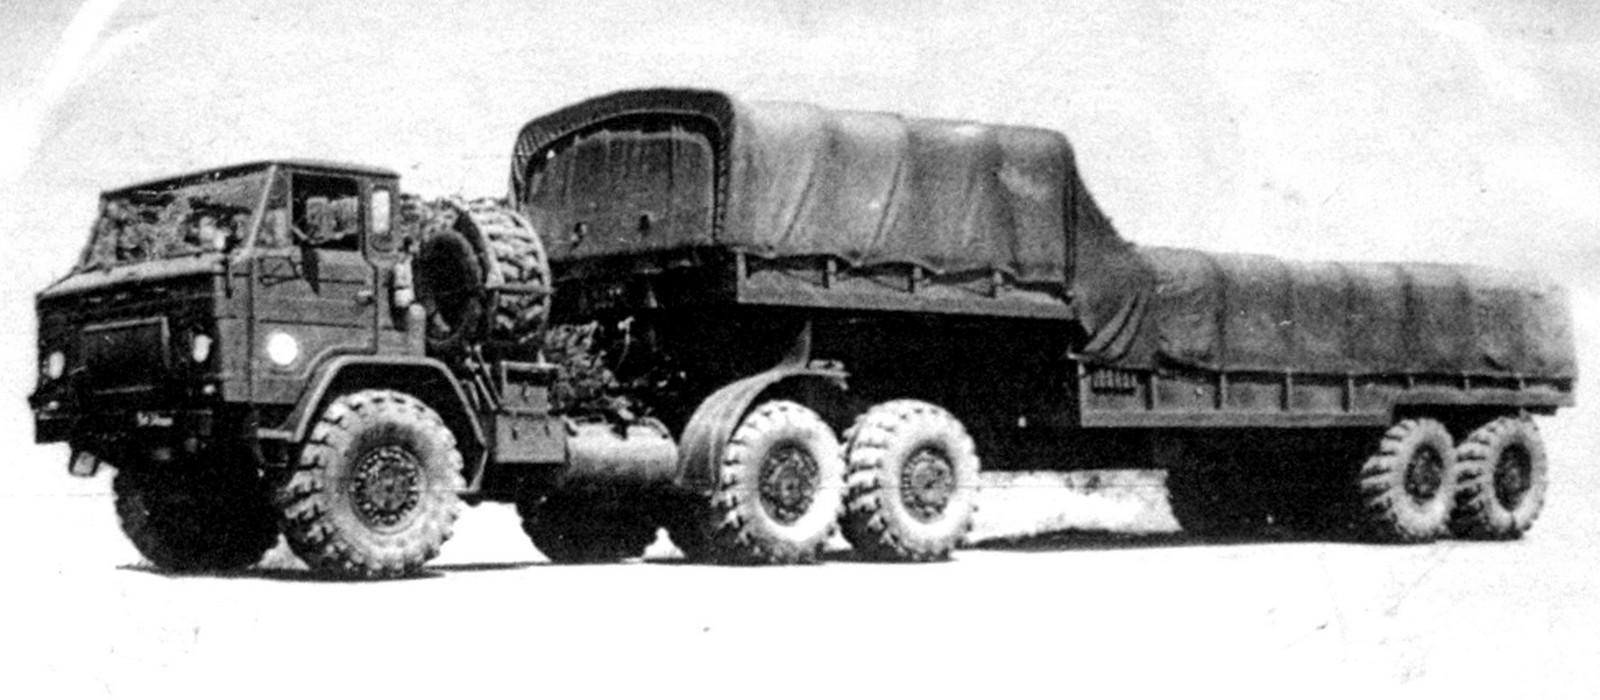 Опытный тягач КрАЗ-Э259 с активным бортовым полуприцепом Э834 (из архива НИИЦ АТ)